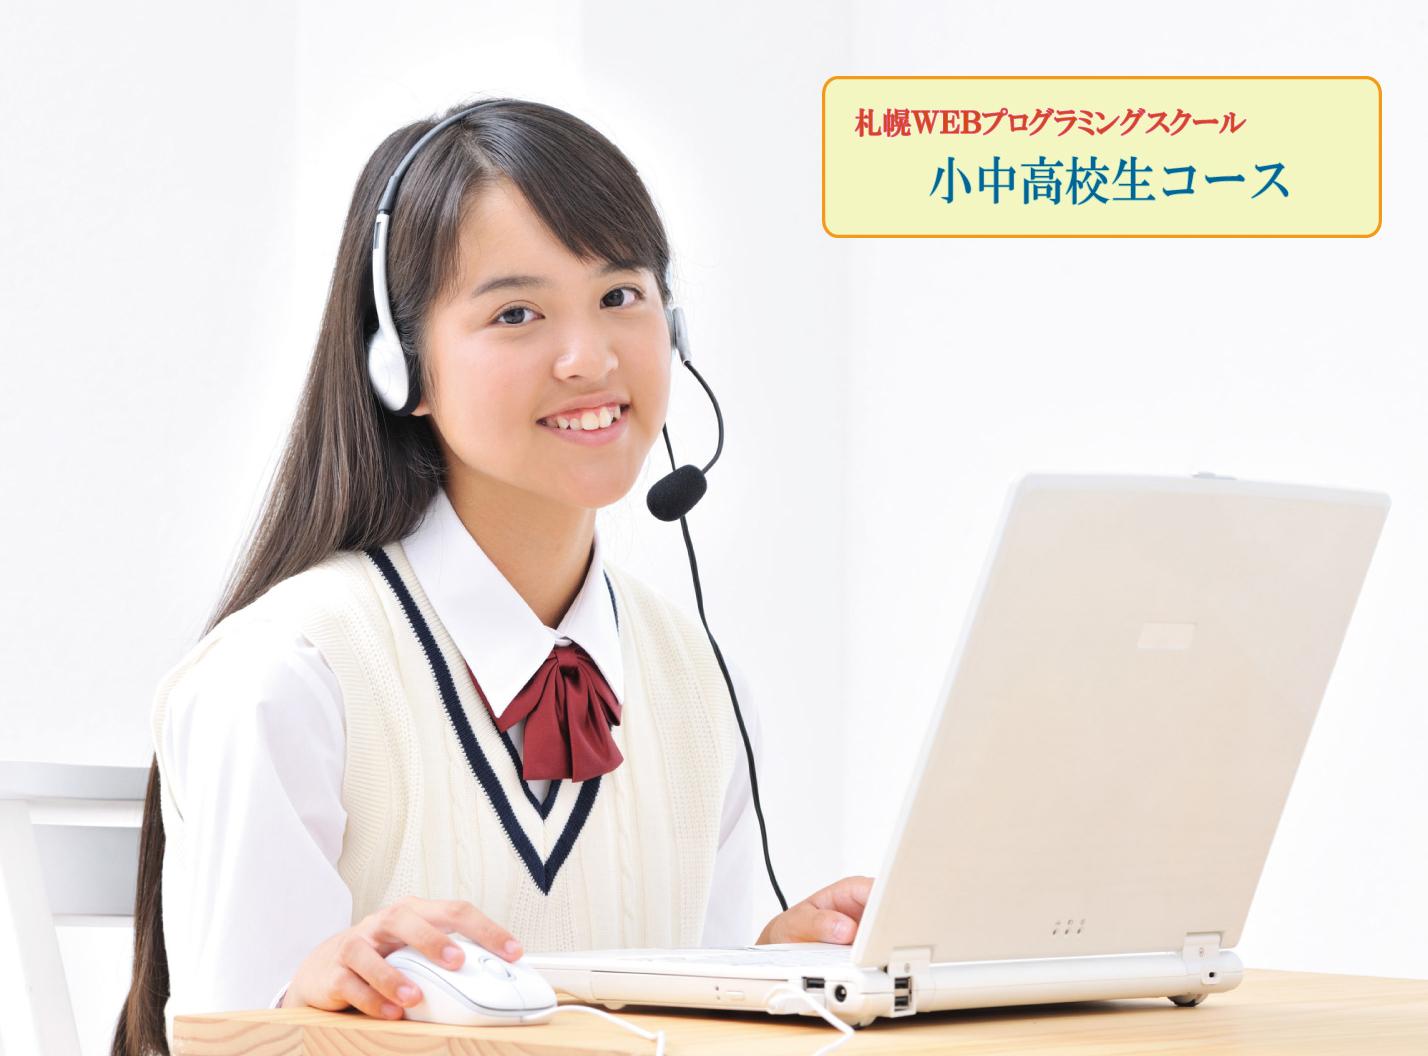 札プロ 小中高校生コース サイトのヘッダー画像